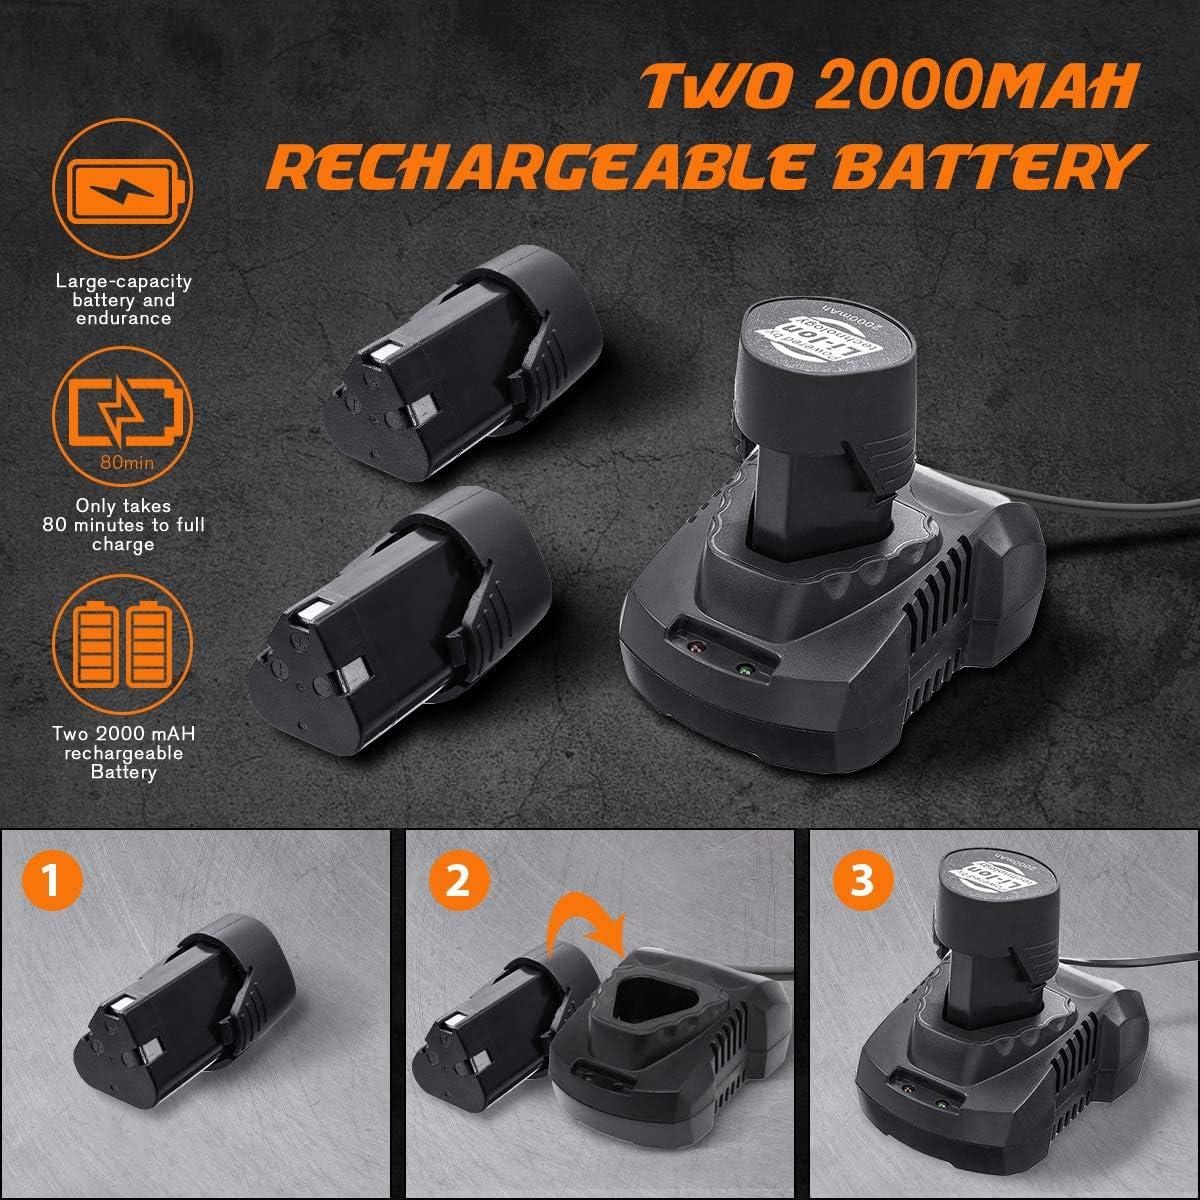 2 Bater/ías, 2 Ah, Torque m/áximo: 25 Nm, 18 + 1 Niveles de torque, Juego de accesorios de 21 piezas Taladro Atornillador Estuche Profesional NASUM Destornillador El/éctrico 10 Brocas 12V con luz LED